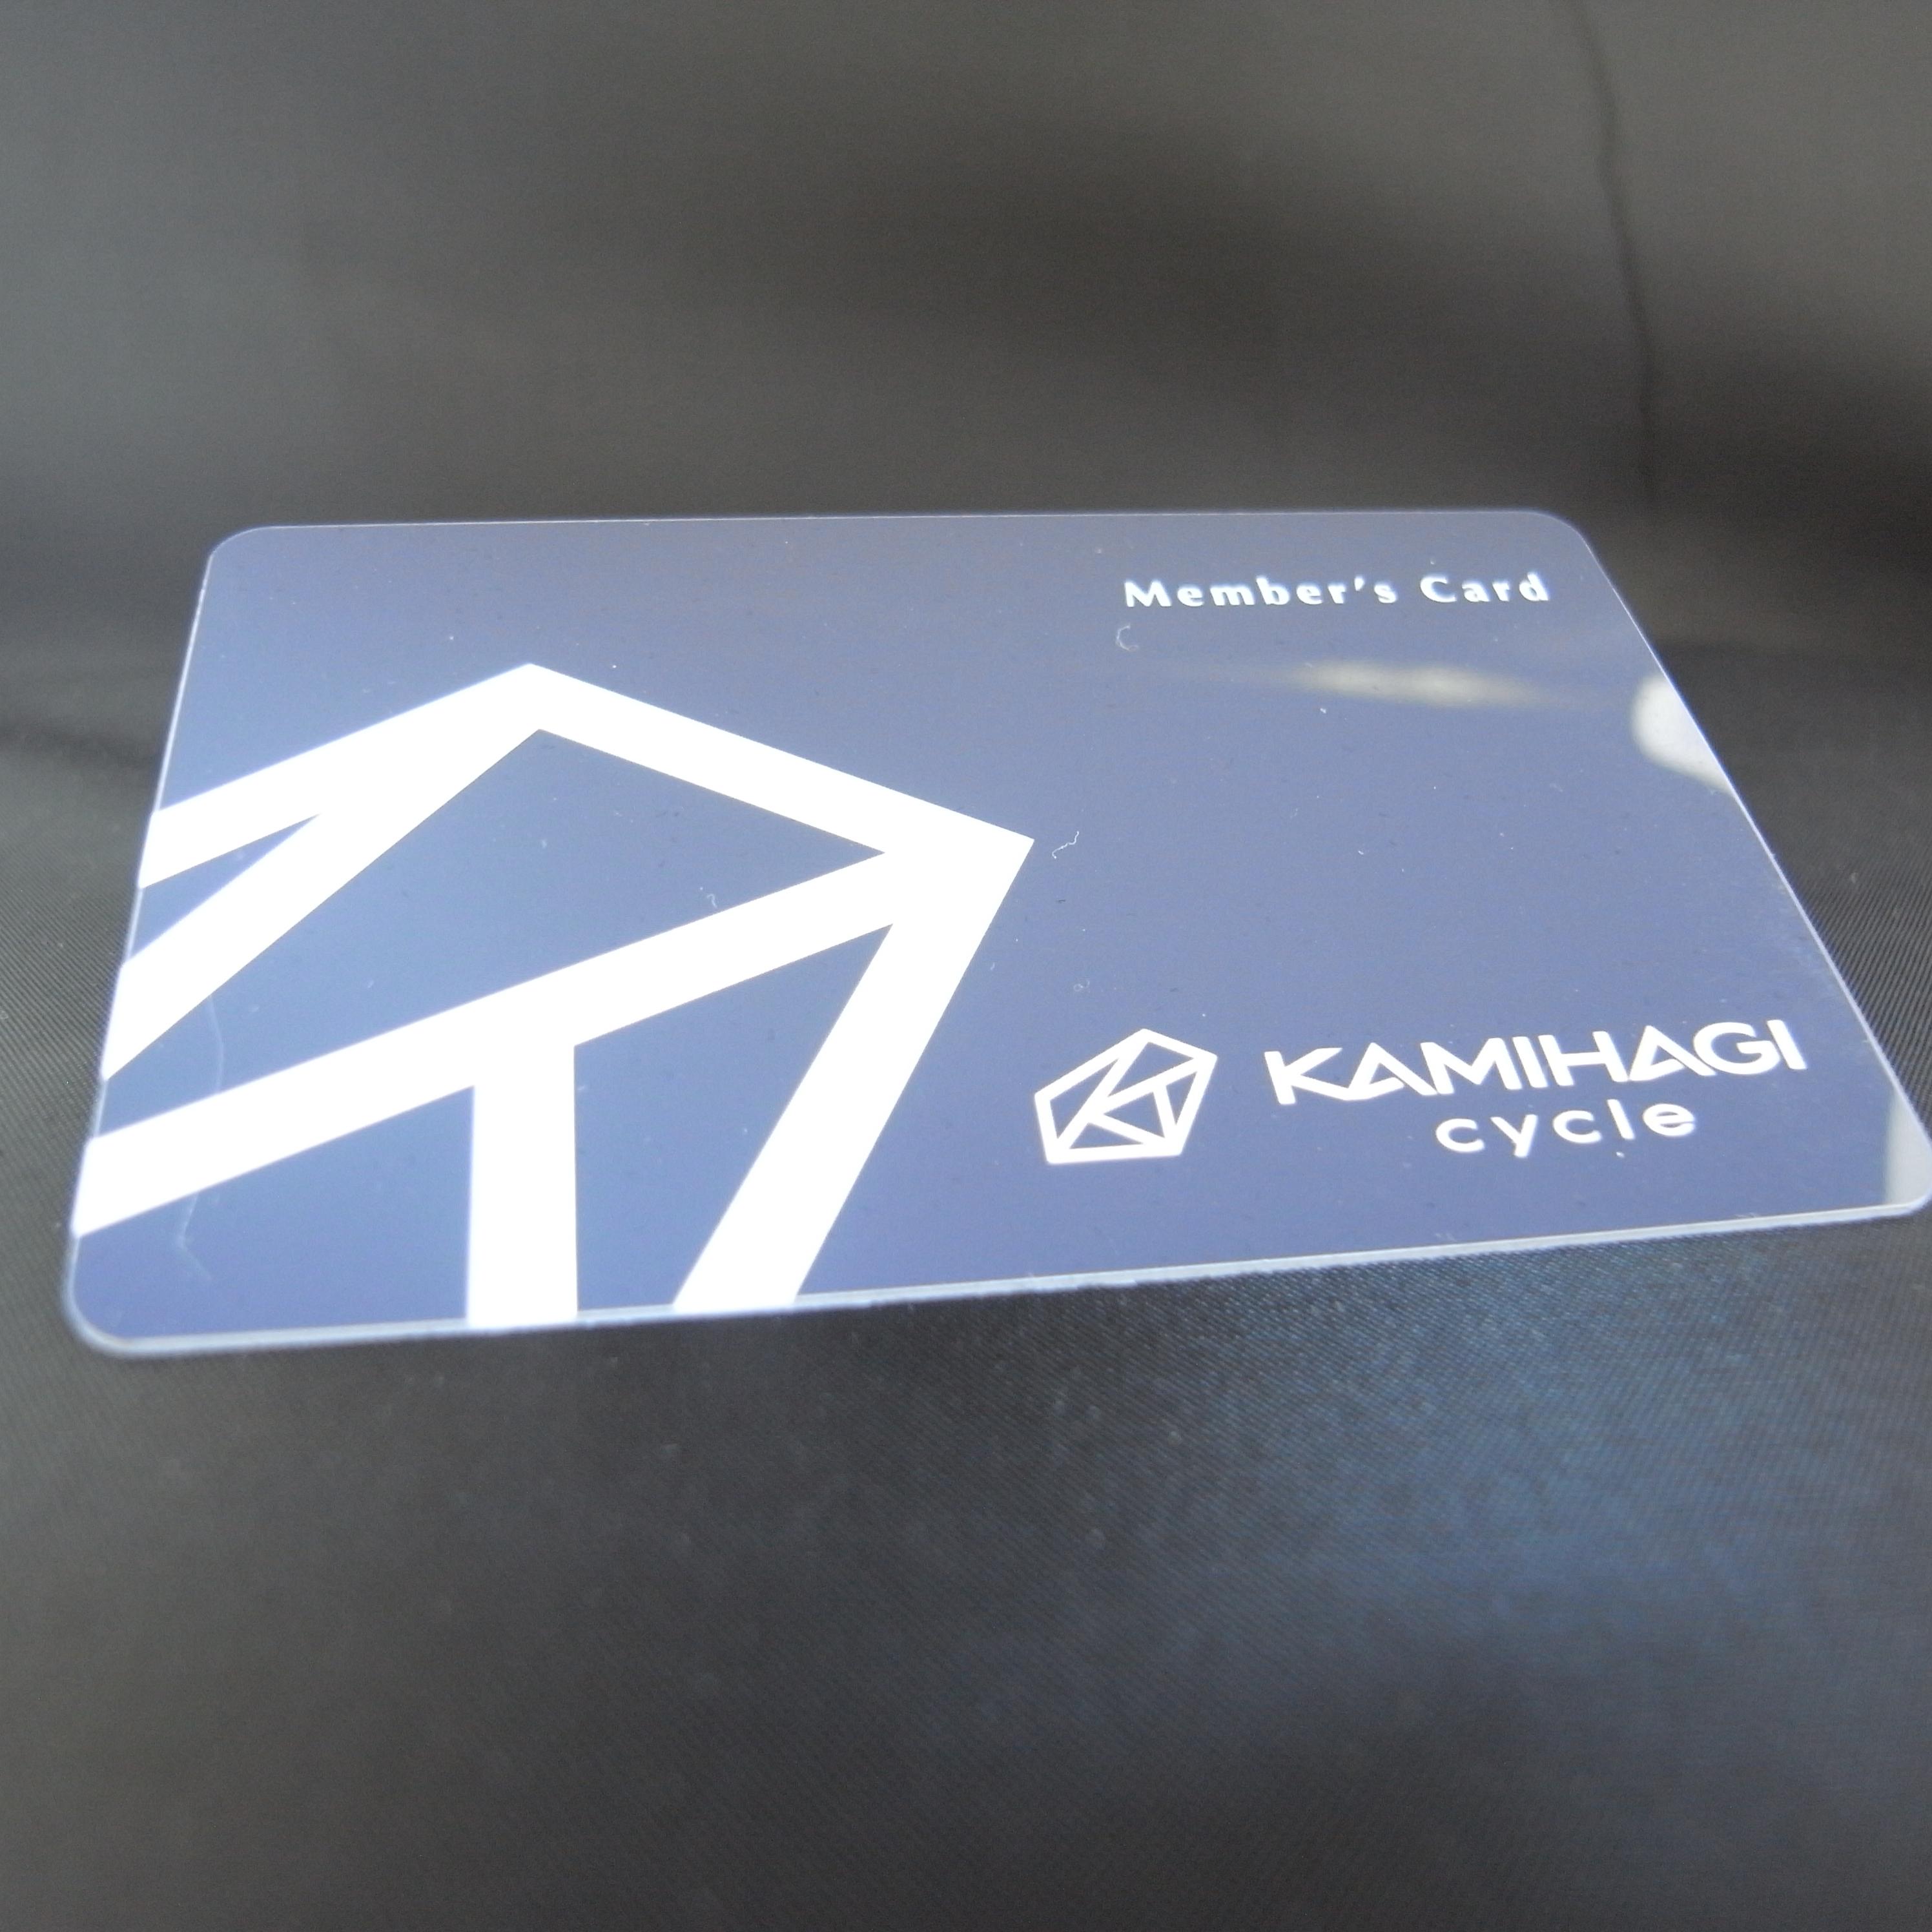 カミハギサイクル会員カード